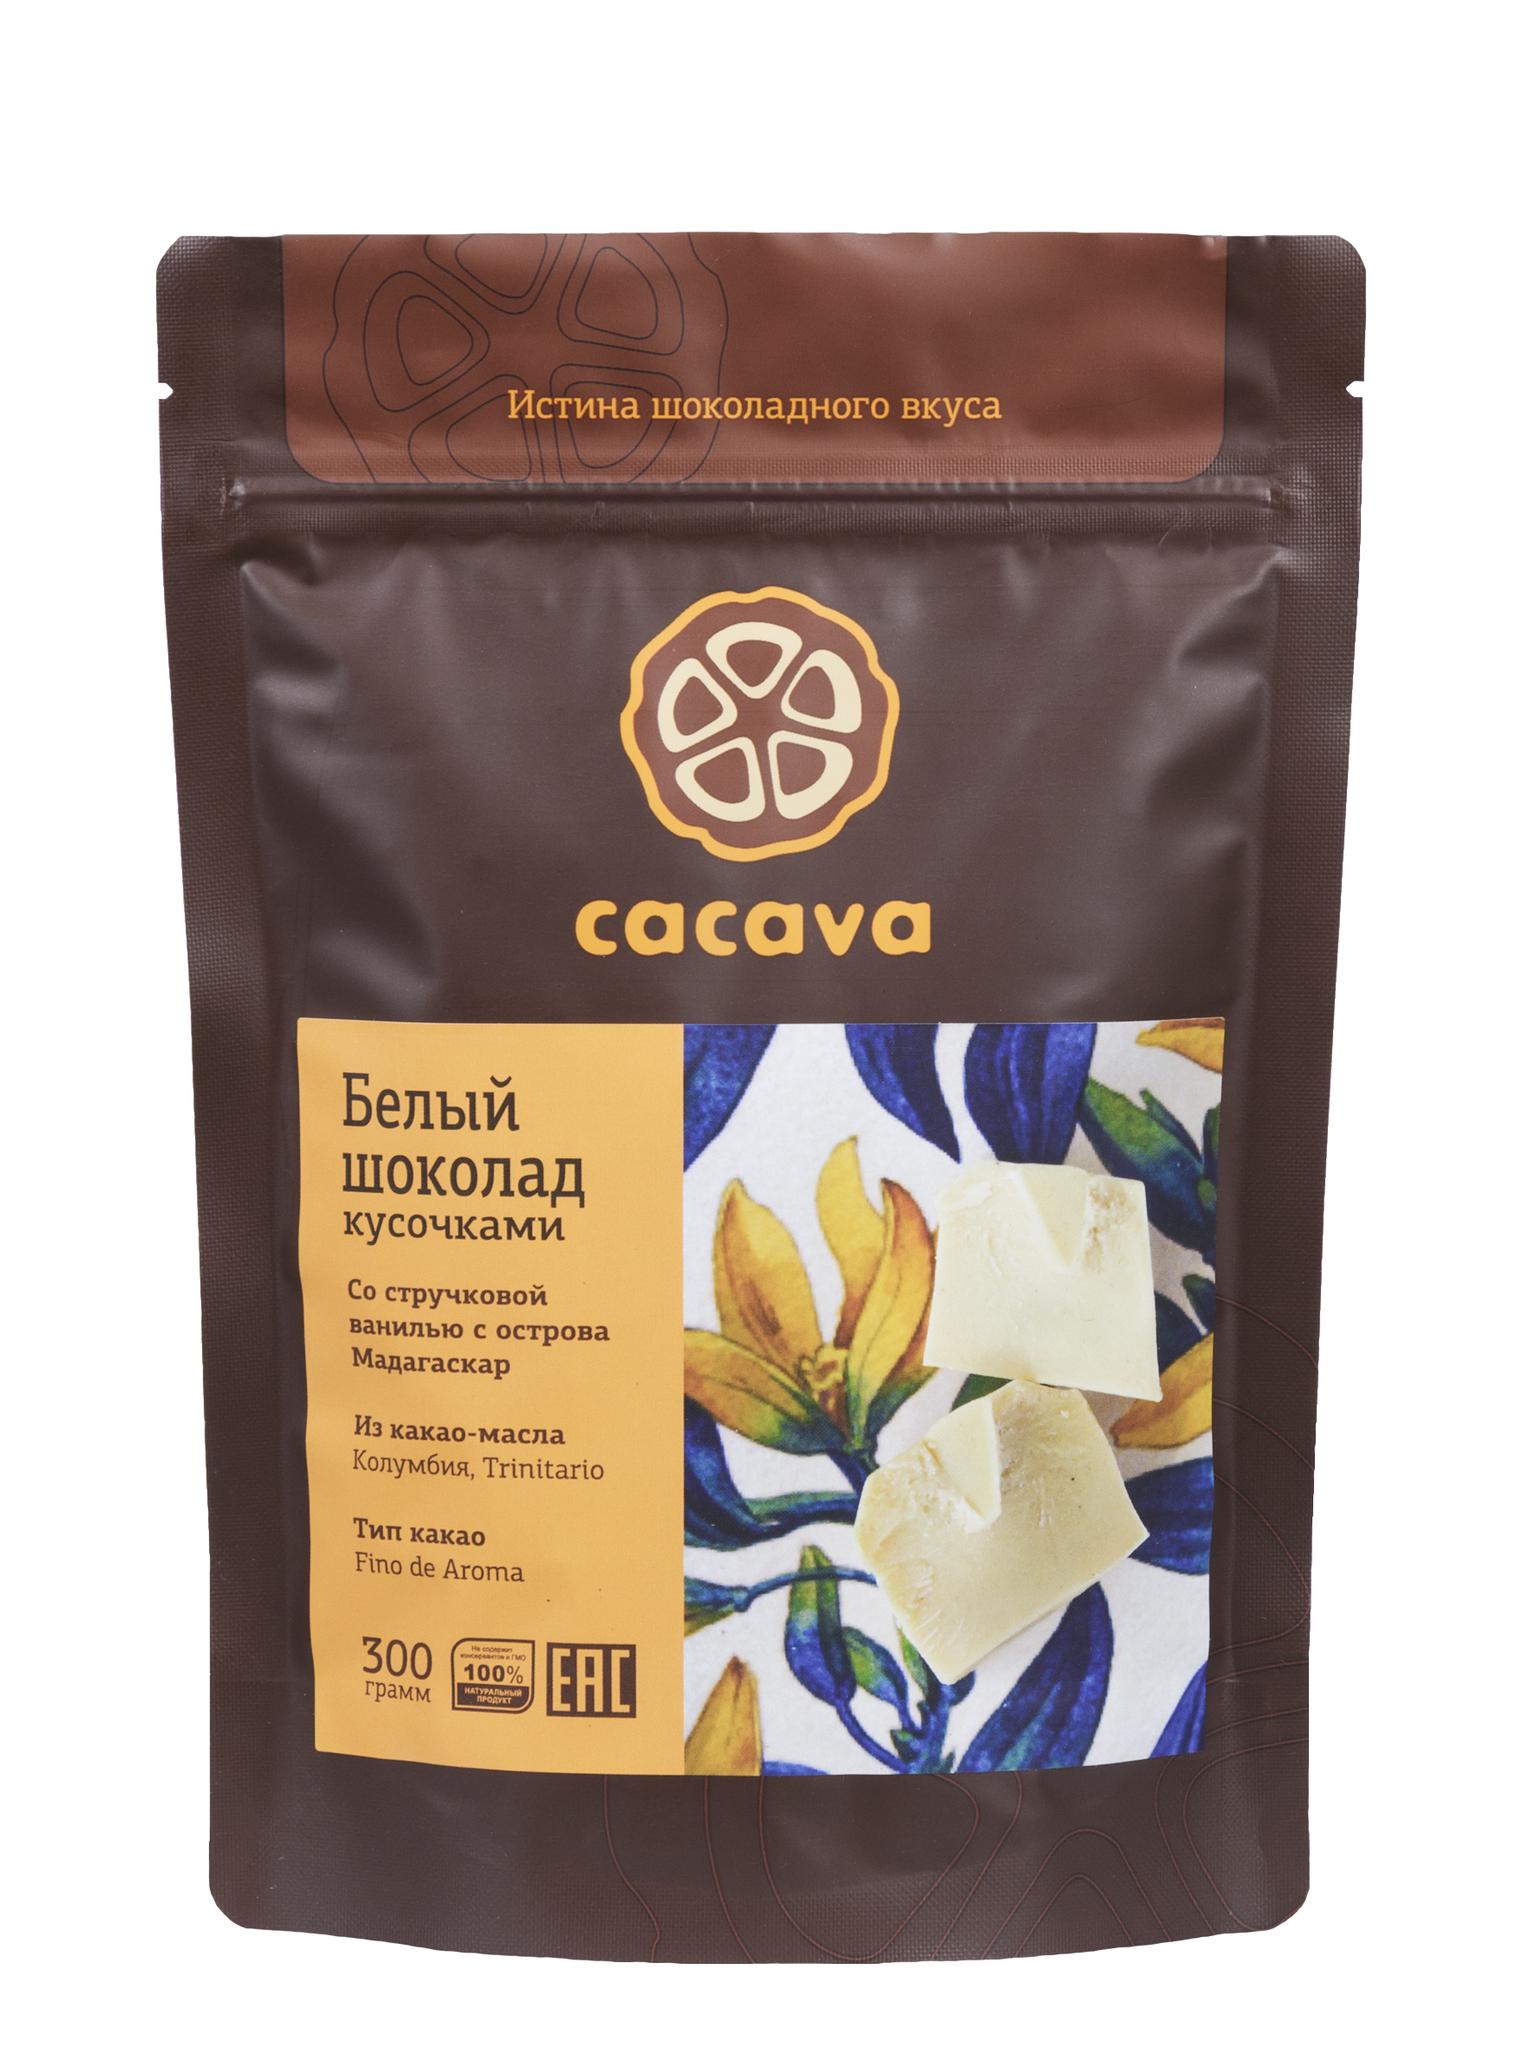 Белый шоколад с мадагаскарской ванилью, упаковка 300 грамм